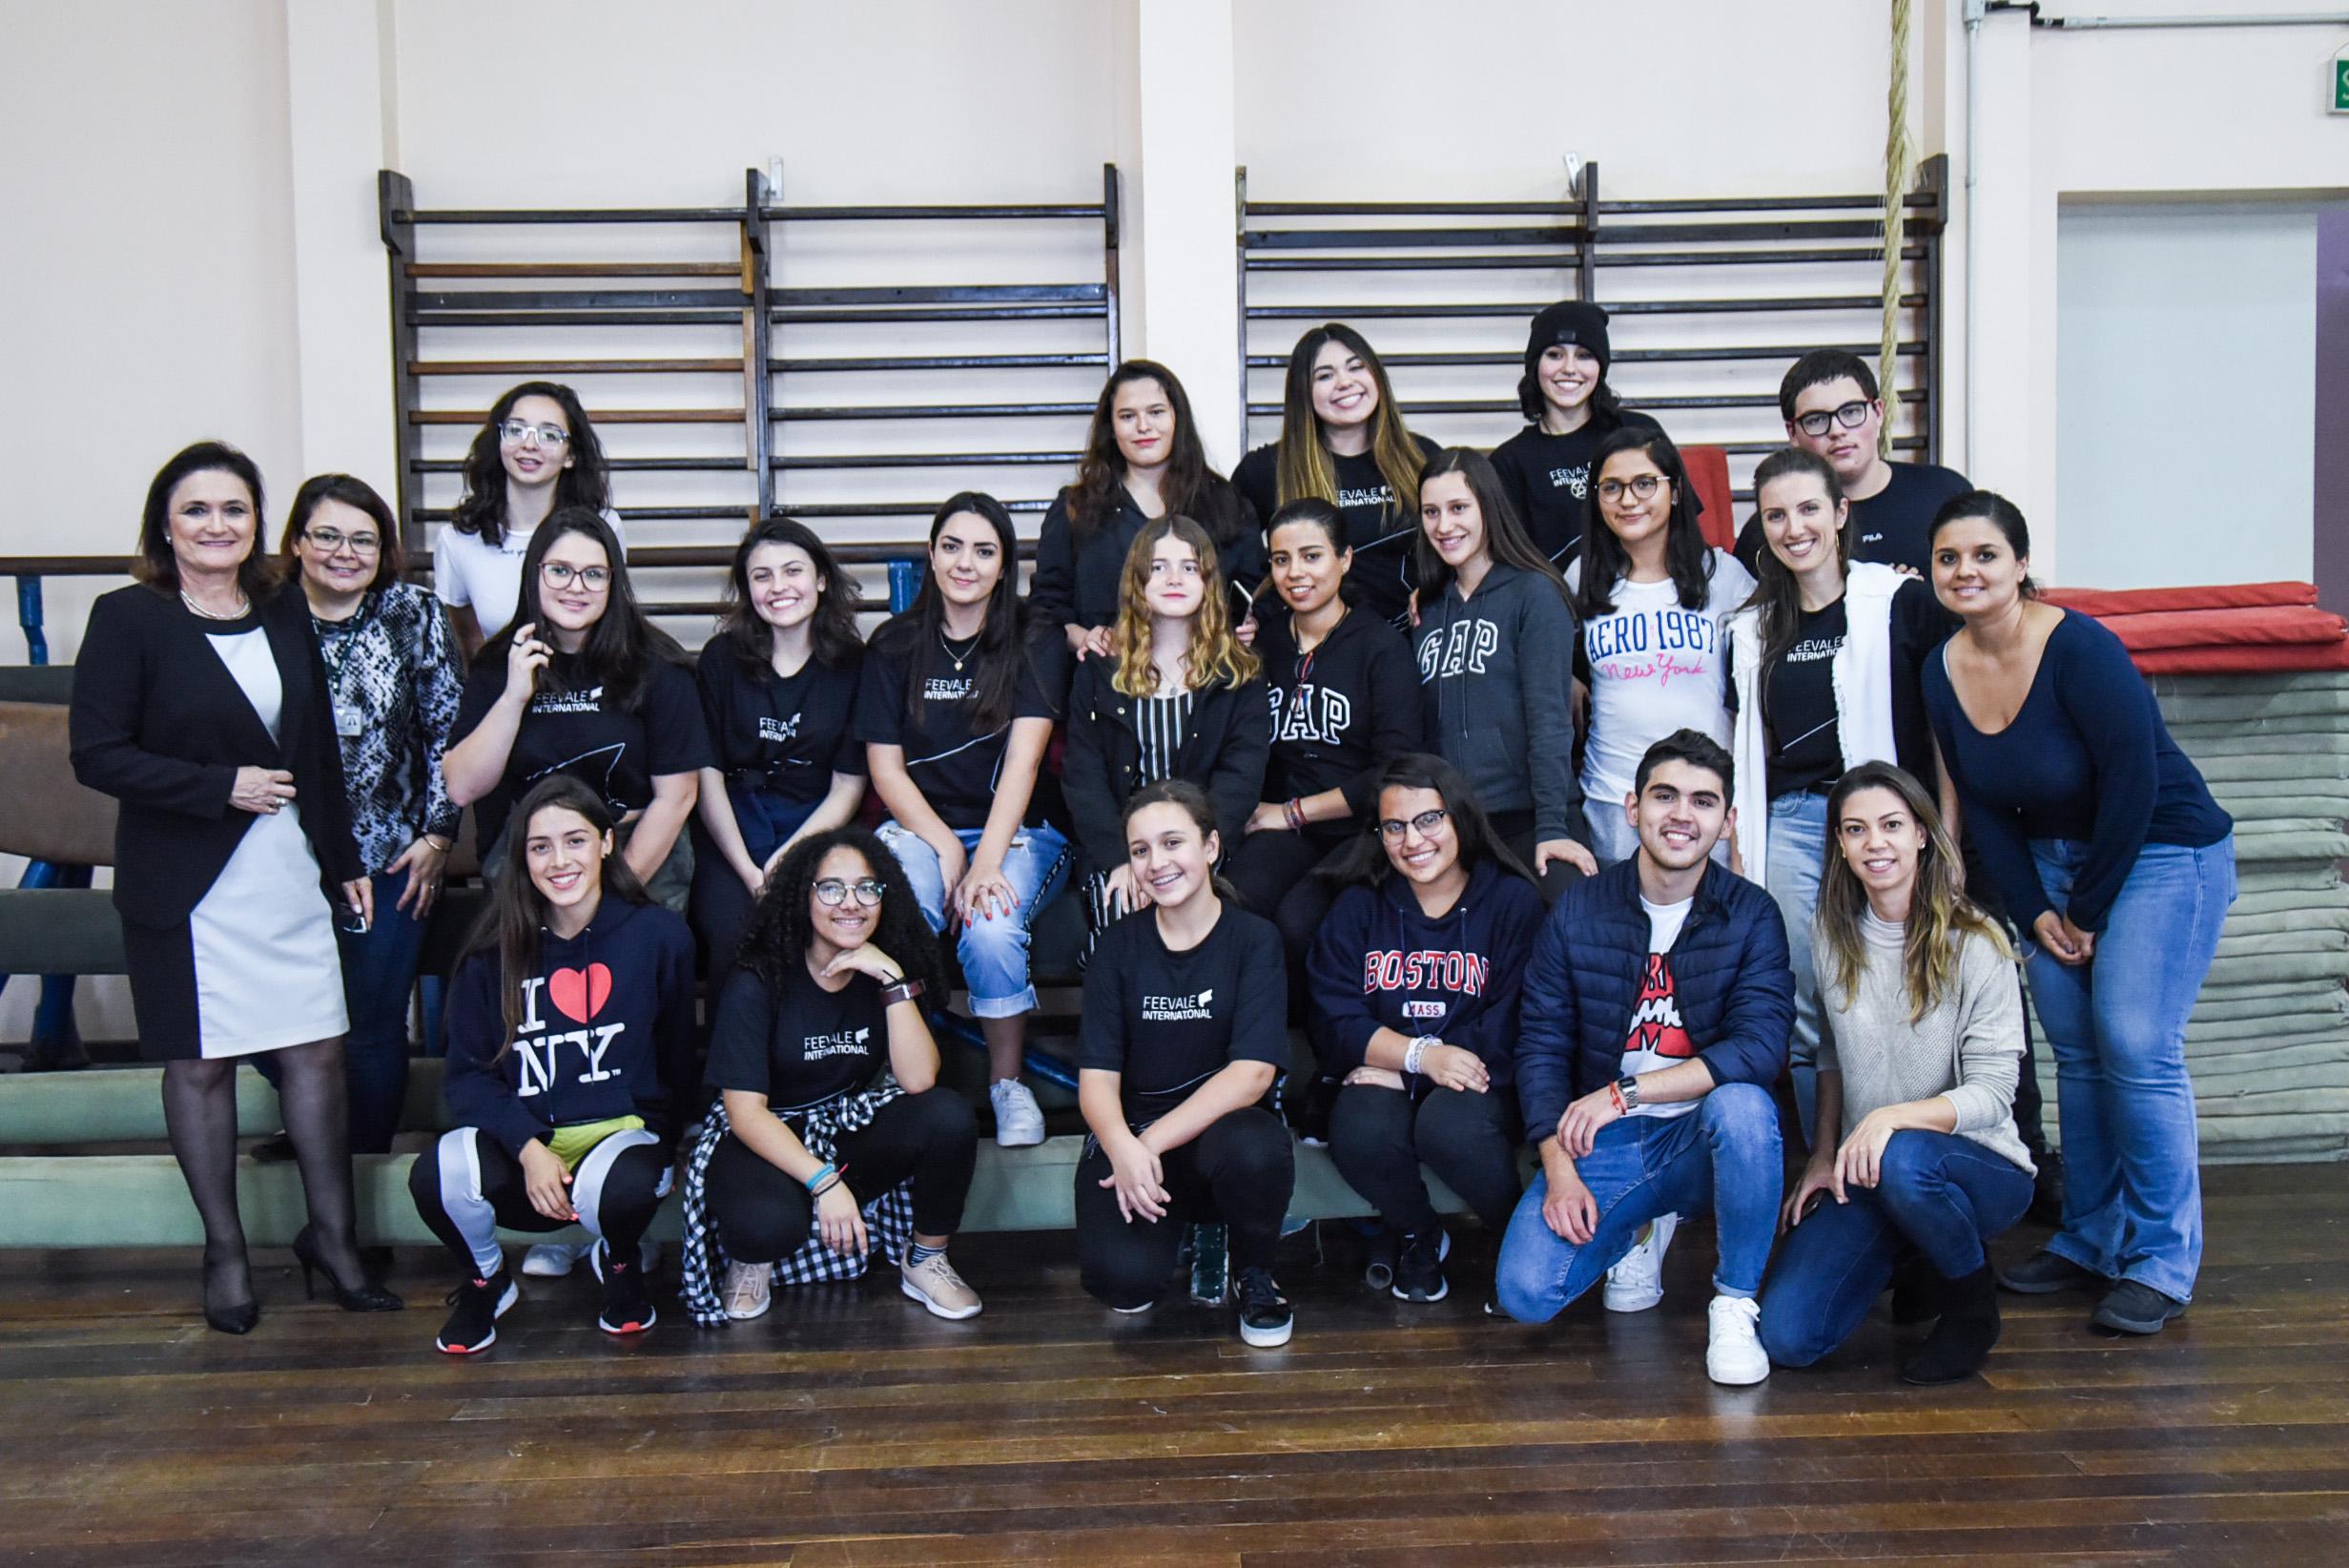 Recepção dos alunos mexicanos